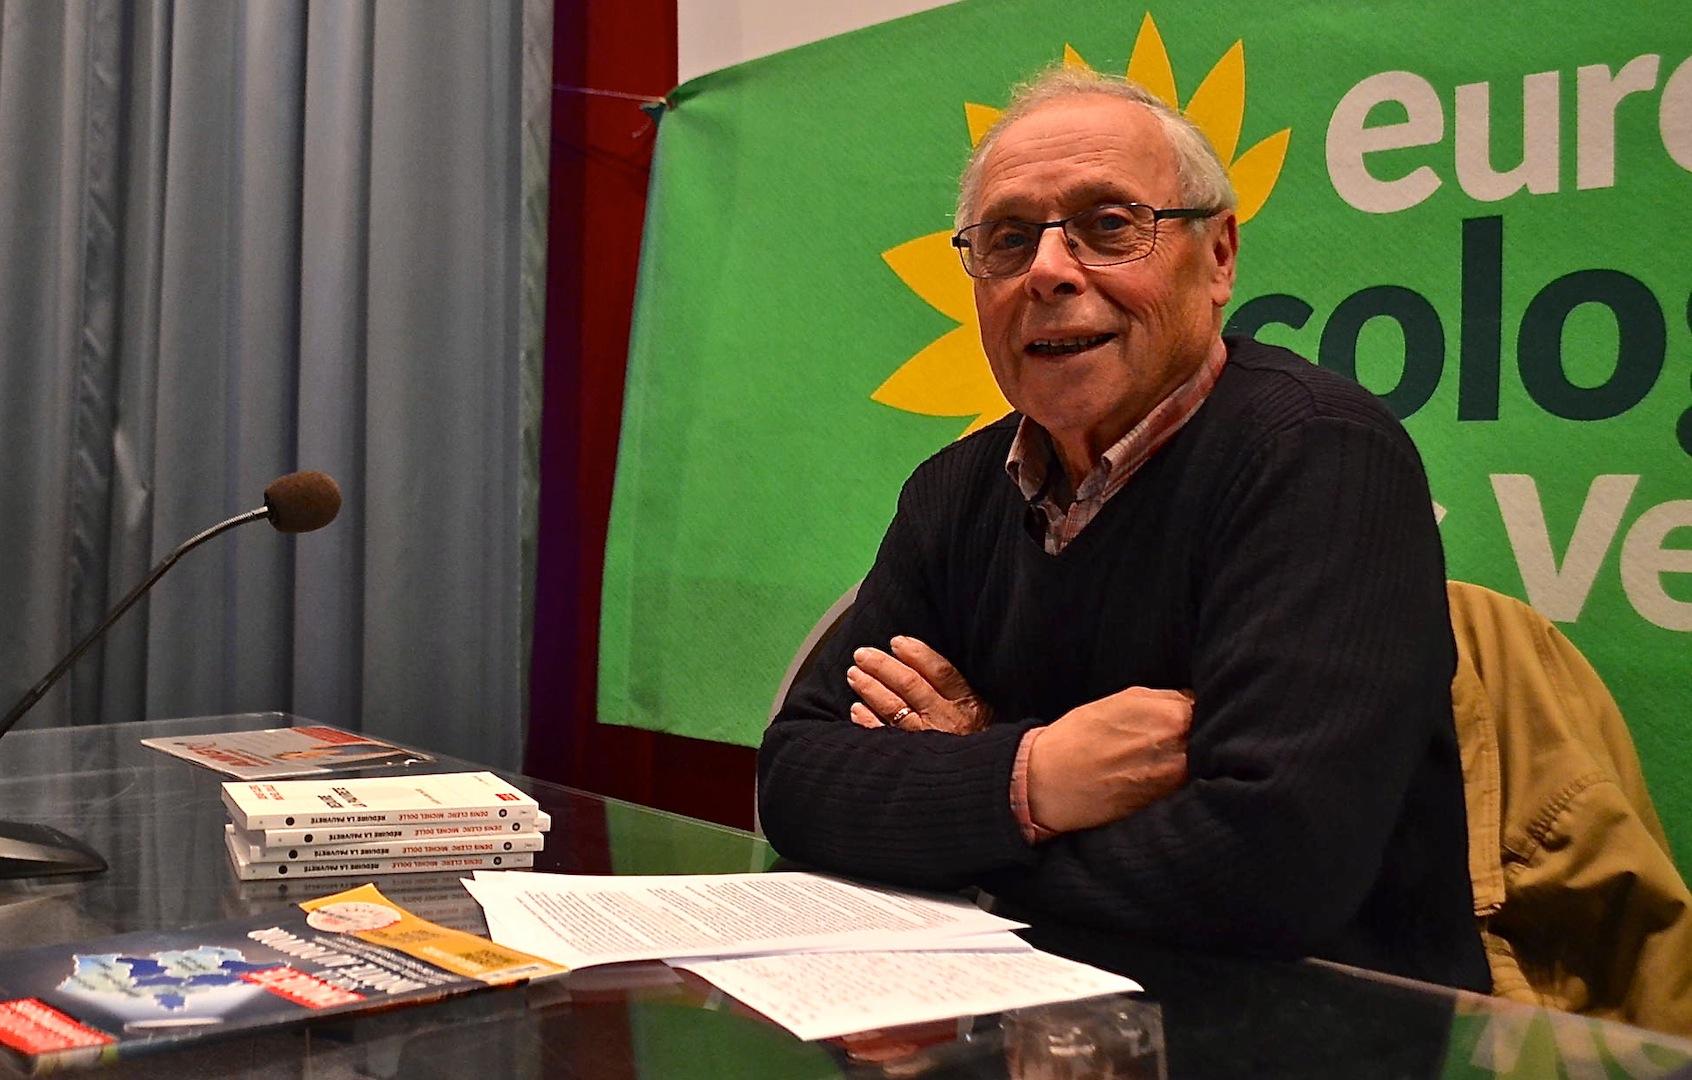 Pour Denis Clerc, économiste installé dans le Jura, « il faut libérer l'imagination mais ne pas se bercer d'illusions » sur le revenu de base.